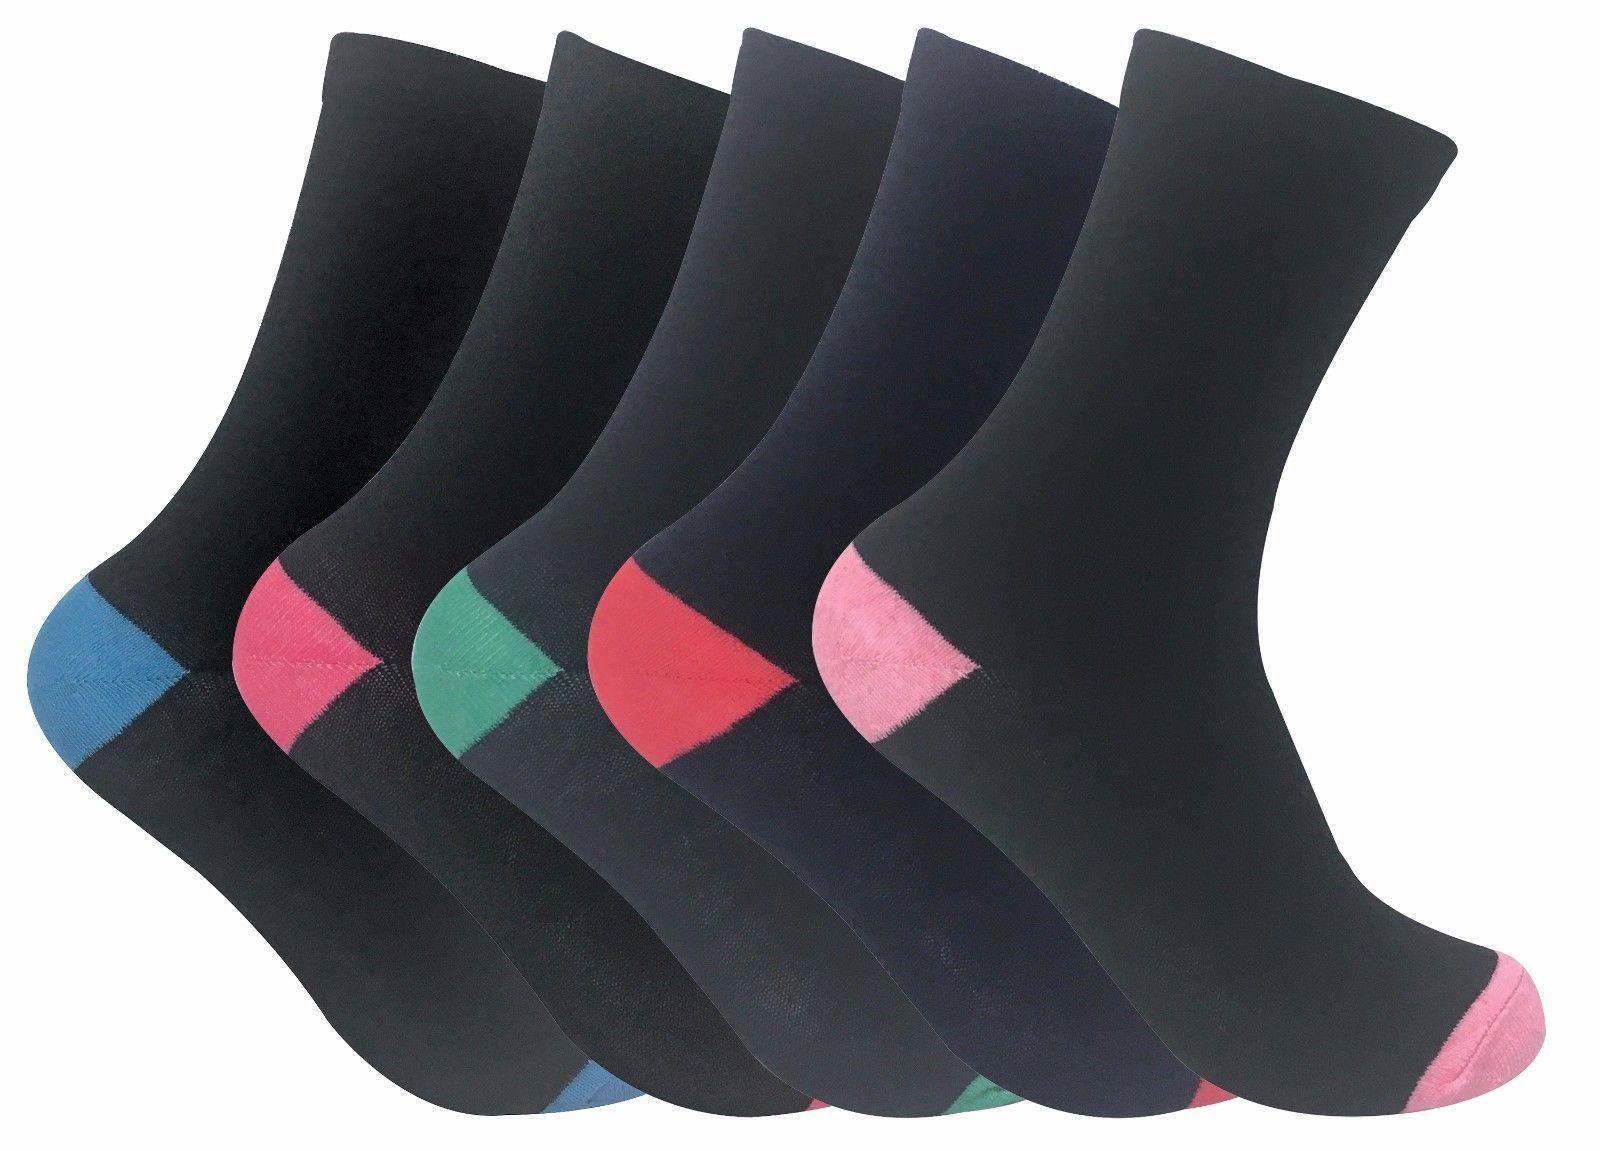 Sock Snob - 5 Paia Donna Neri Morbidi Colorati Estivi Cotone Divertenti Calzini